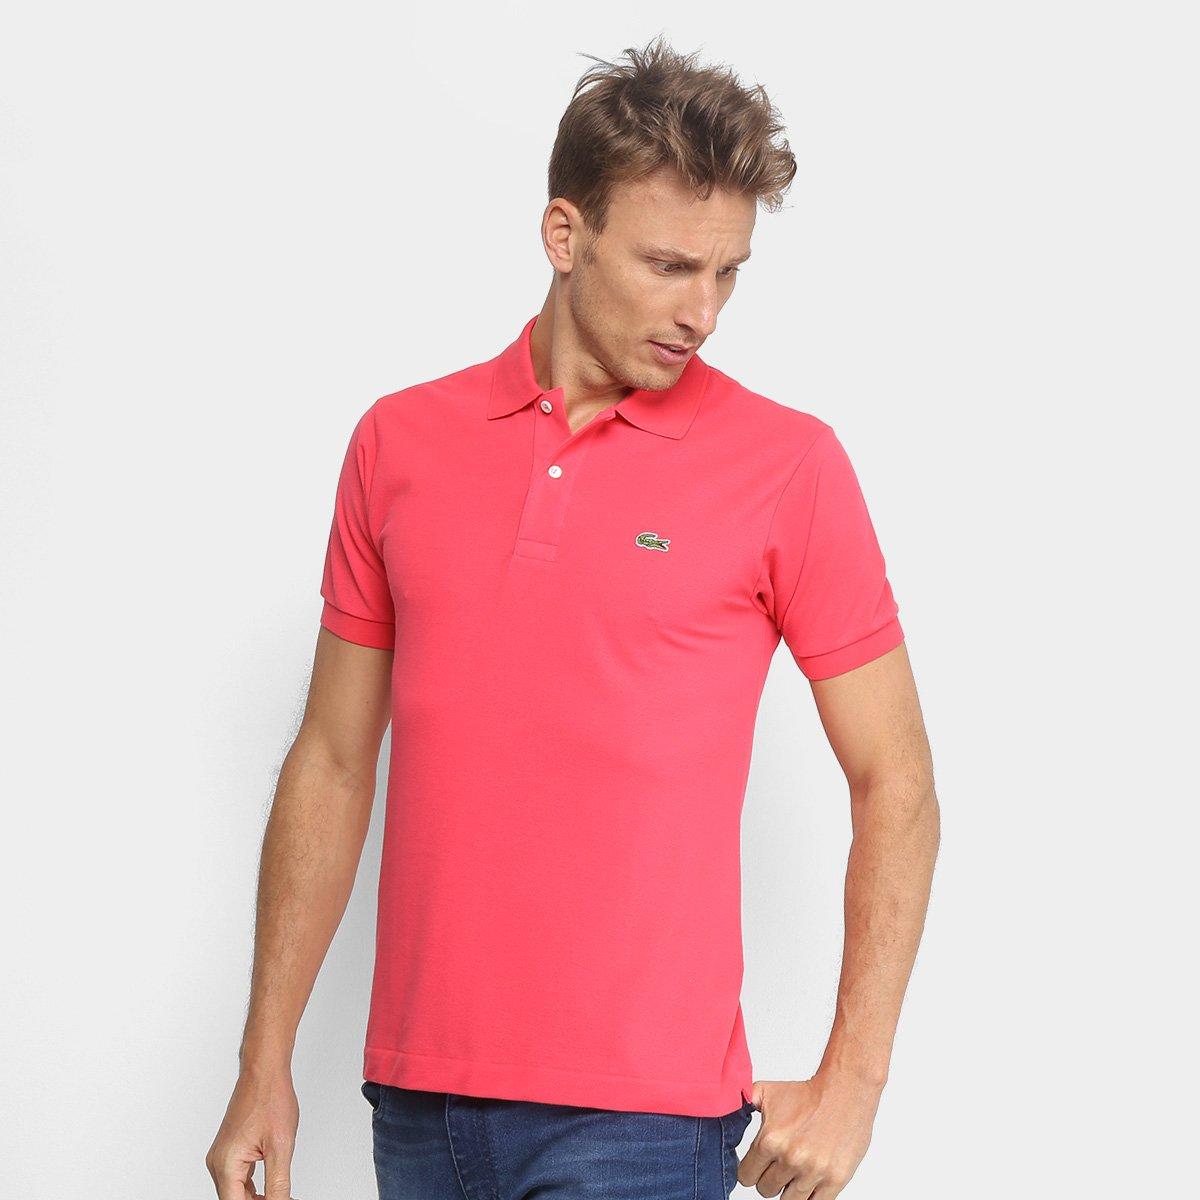 3597c2763e469 Camisa Polo Lacoste Piquet Original Masculina